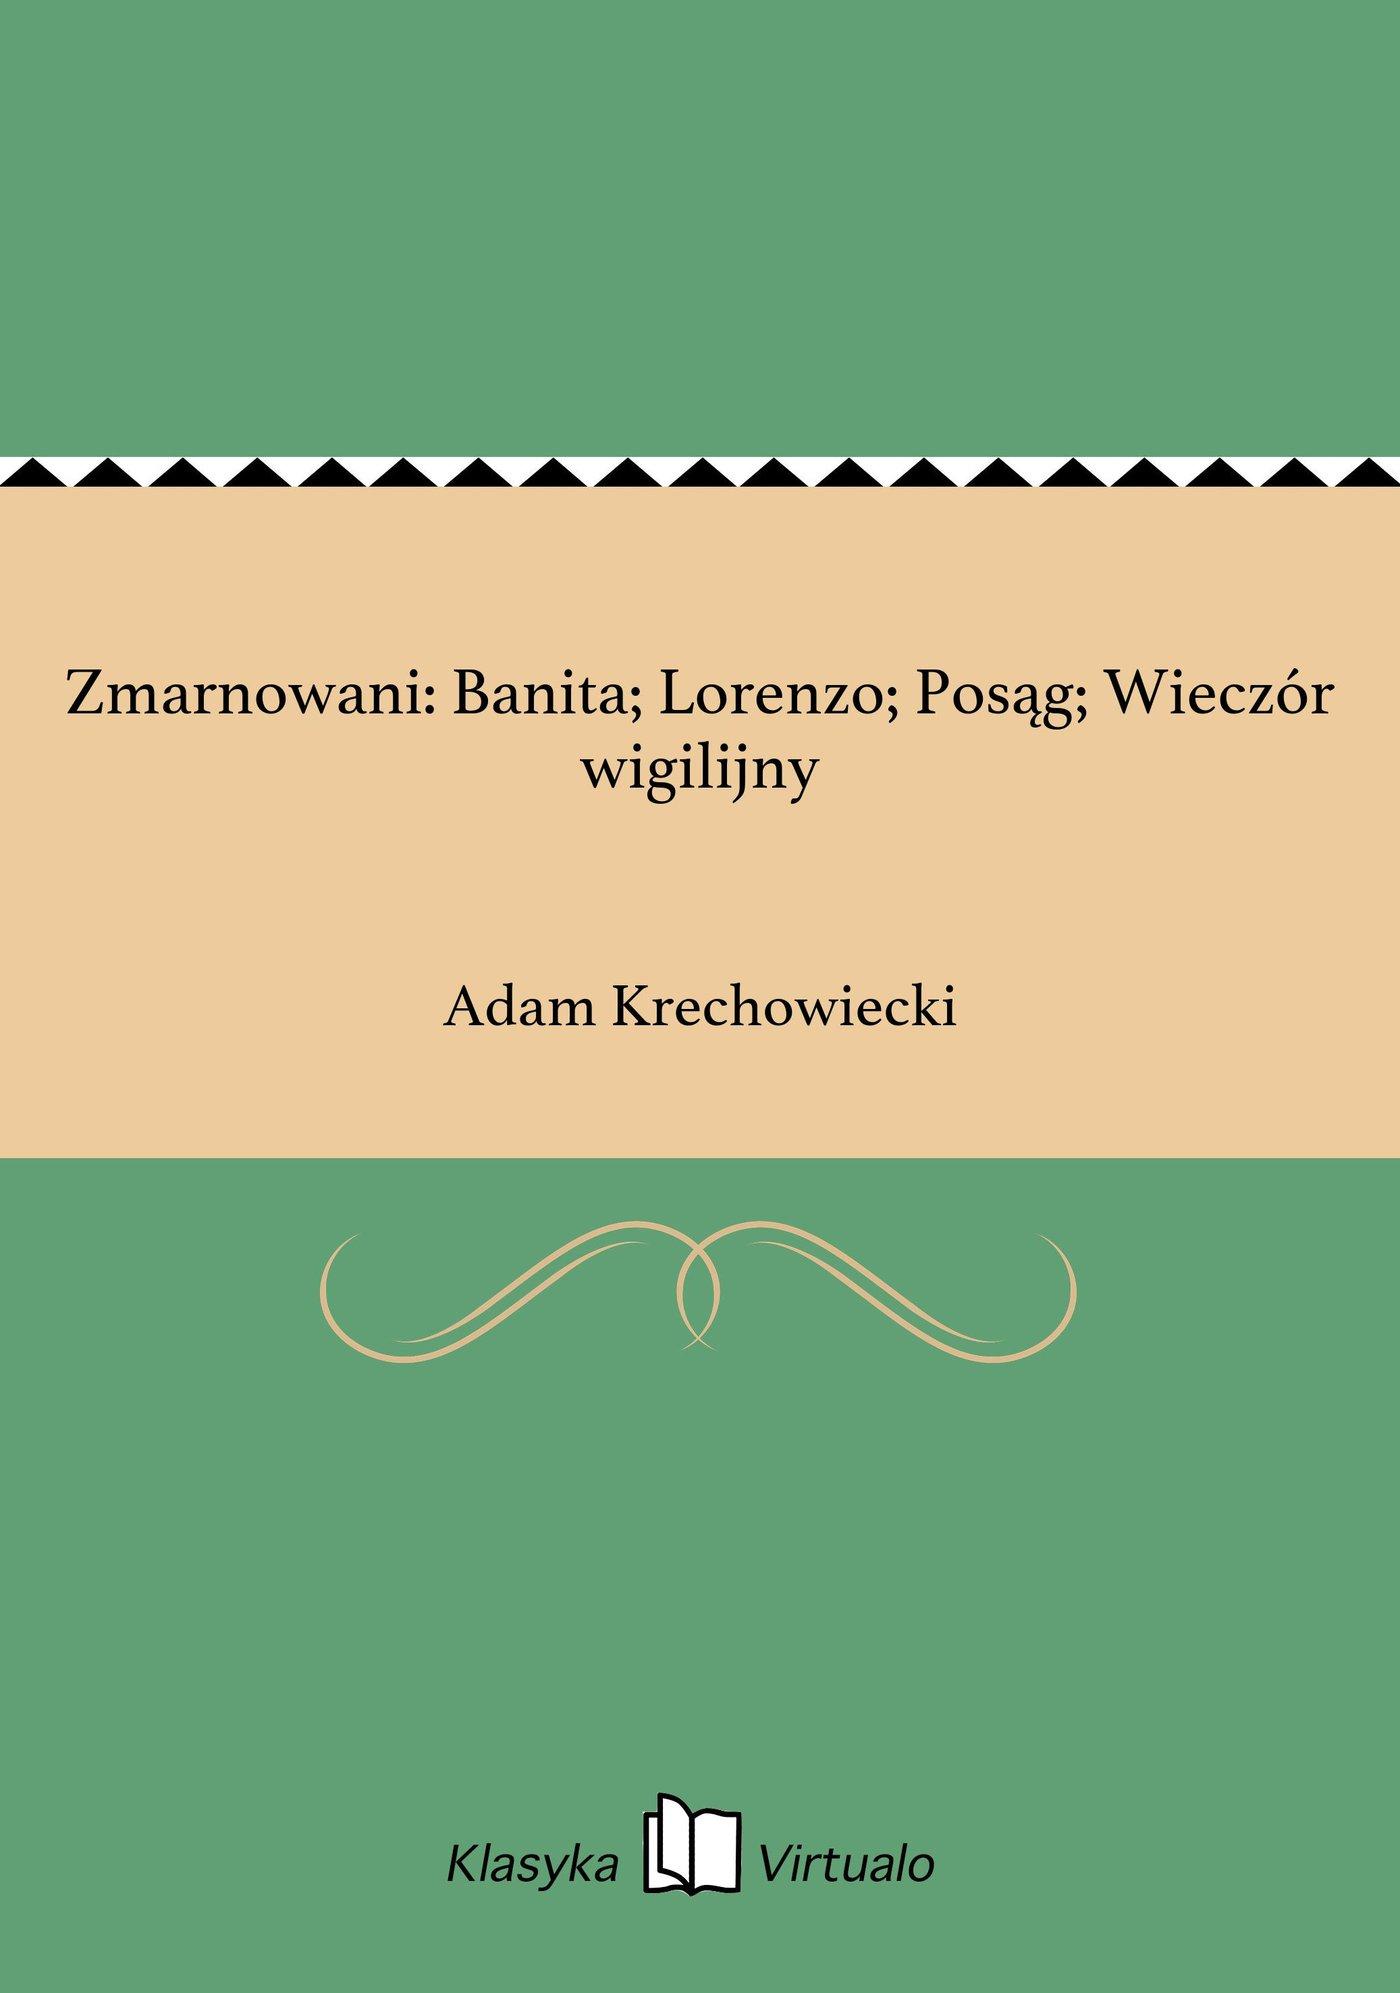 Zmarnowani: Banita; Lorenzo; Posąg; Wieczór wigilijny - Ebook (Książka EPUB) do pobrania w formacie EPUB